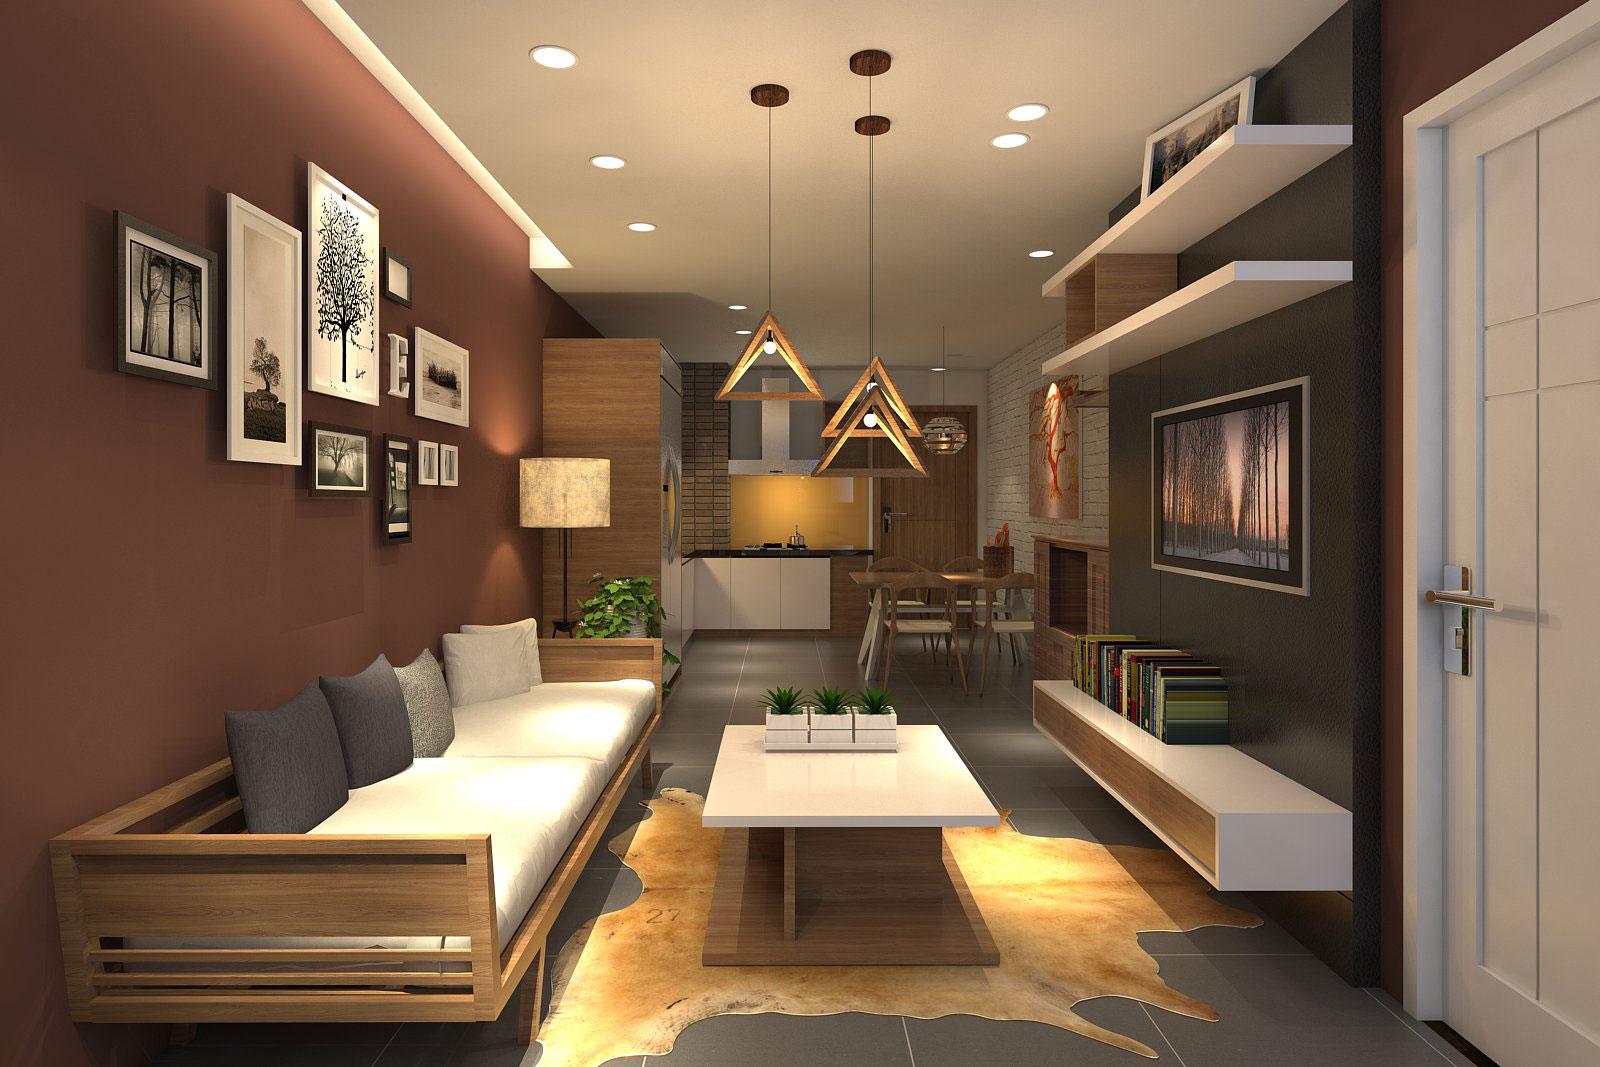 Thiết kế nội thất tại quận 12